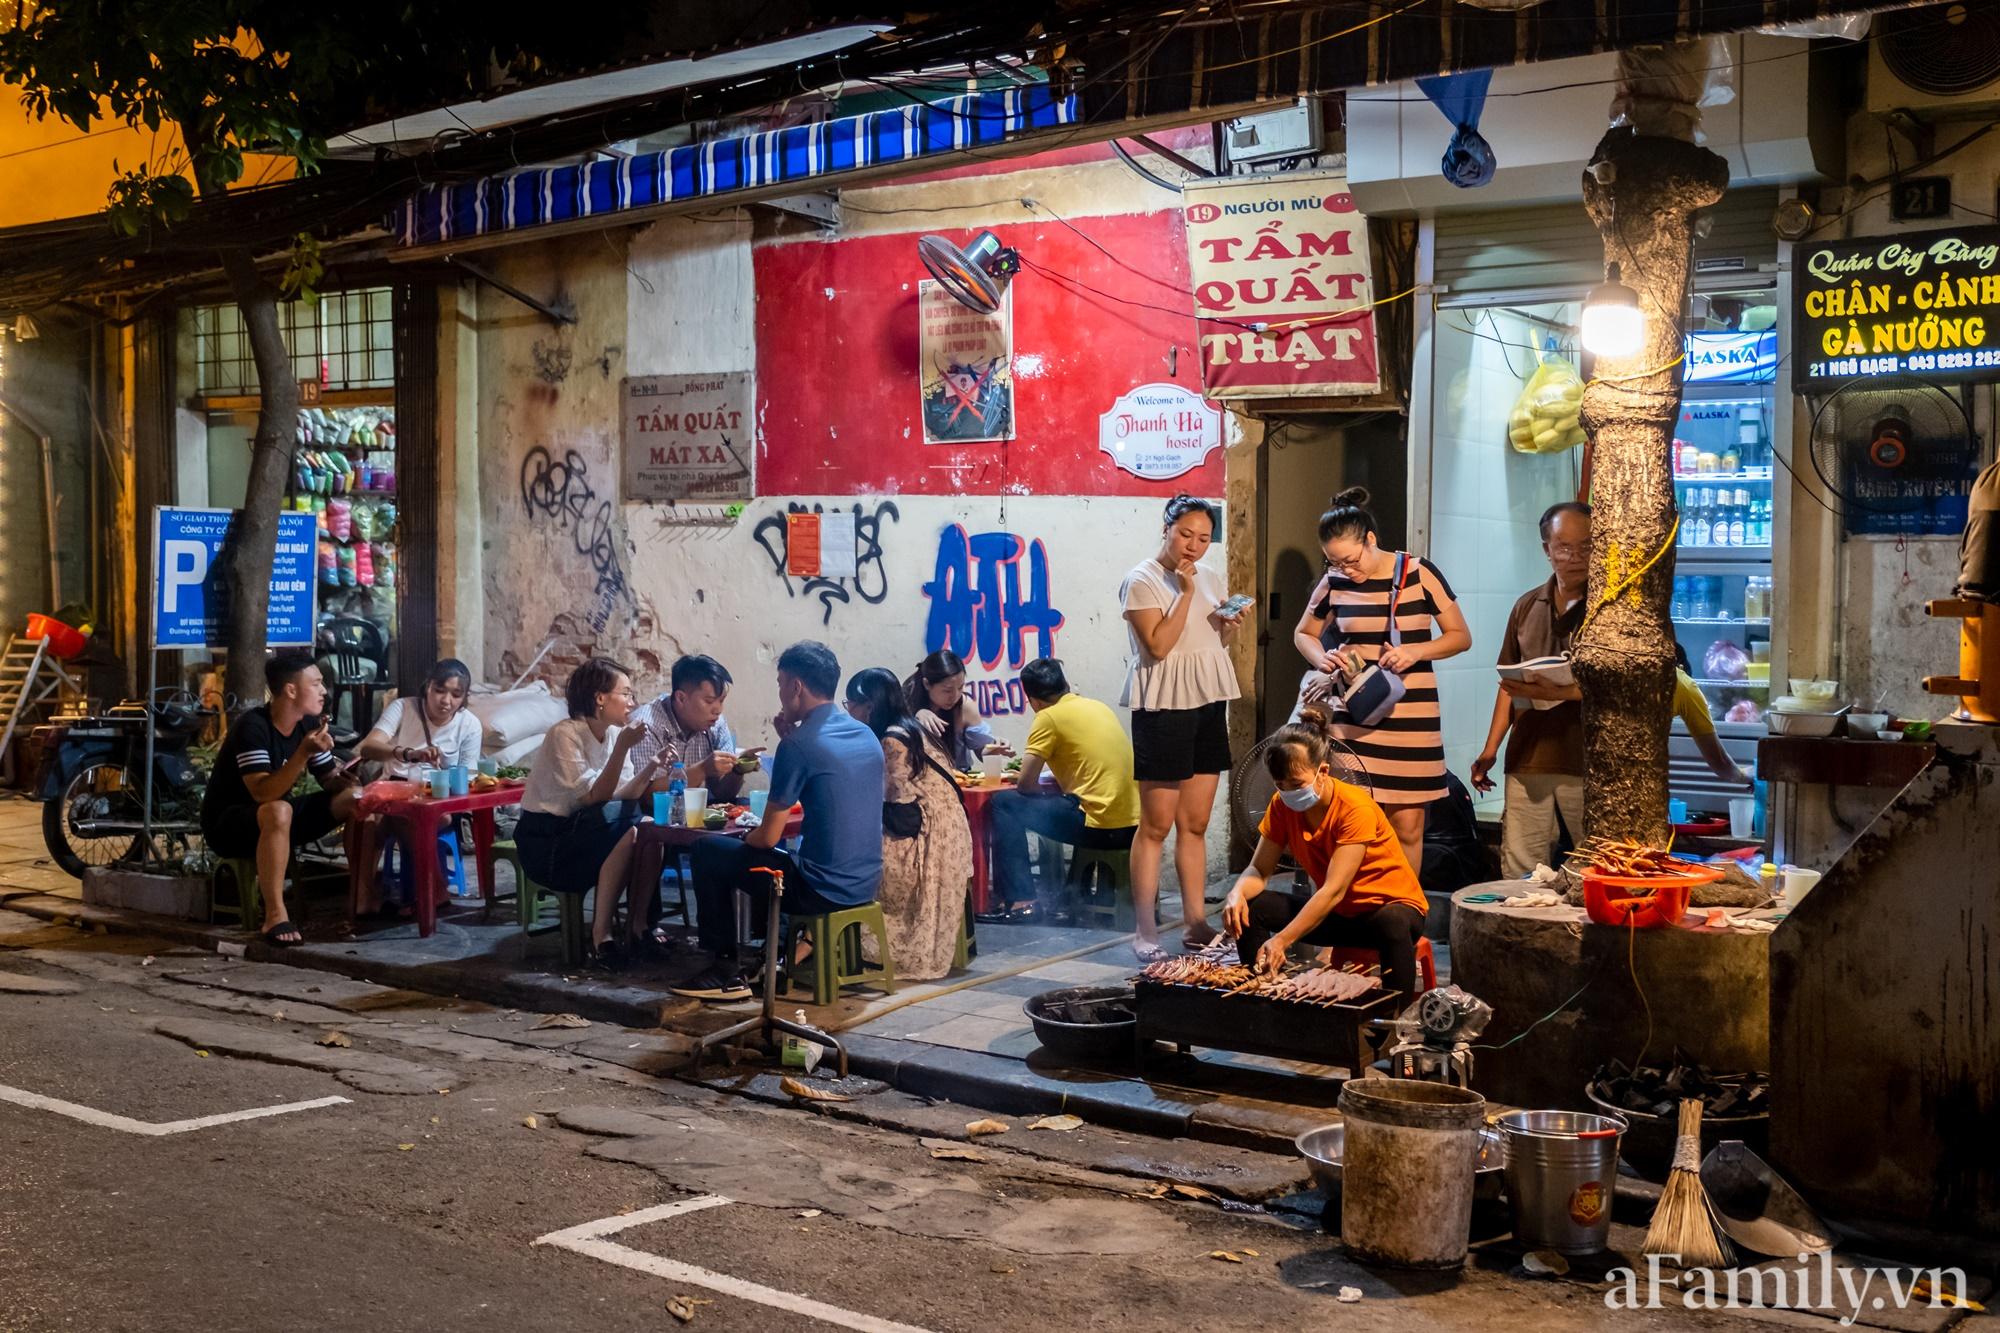 """Liều mình đến ăn thử quán chân gà nướng Ngõ Gạch mang tiếng """"vênh váo nhất Hà Nội, đợi dài cổ 30 phút mới ra đồ"""" và cái kết căng đét - Ảnh 1."""